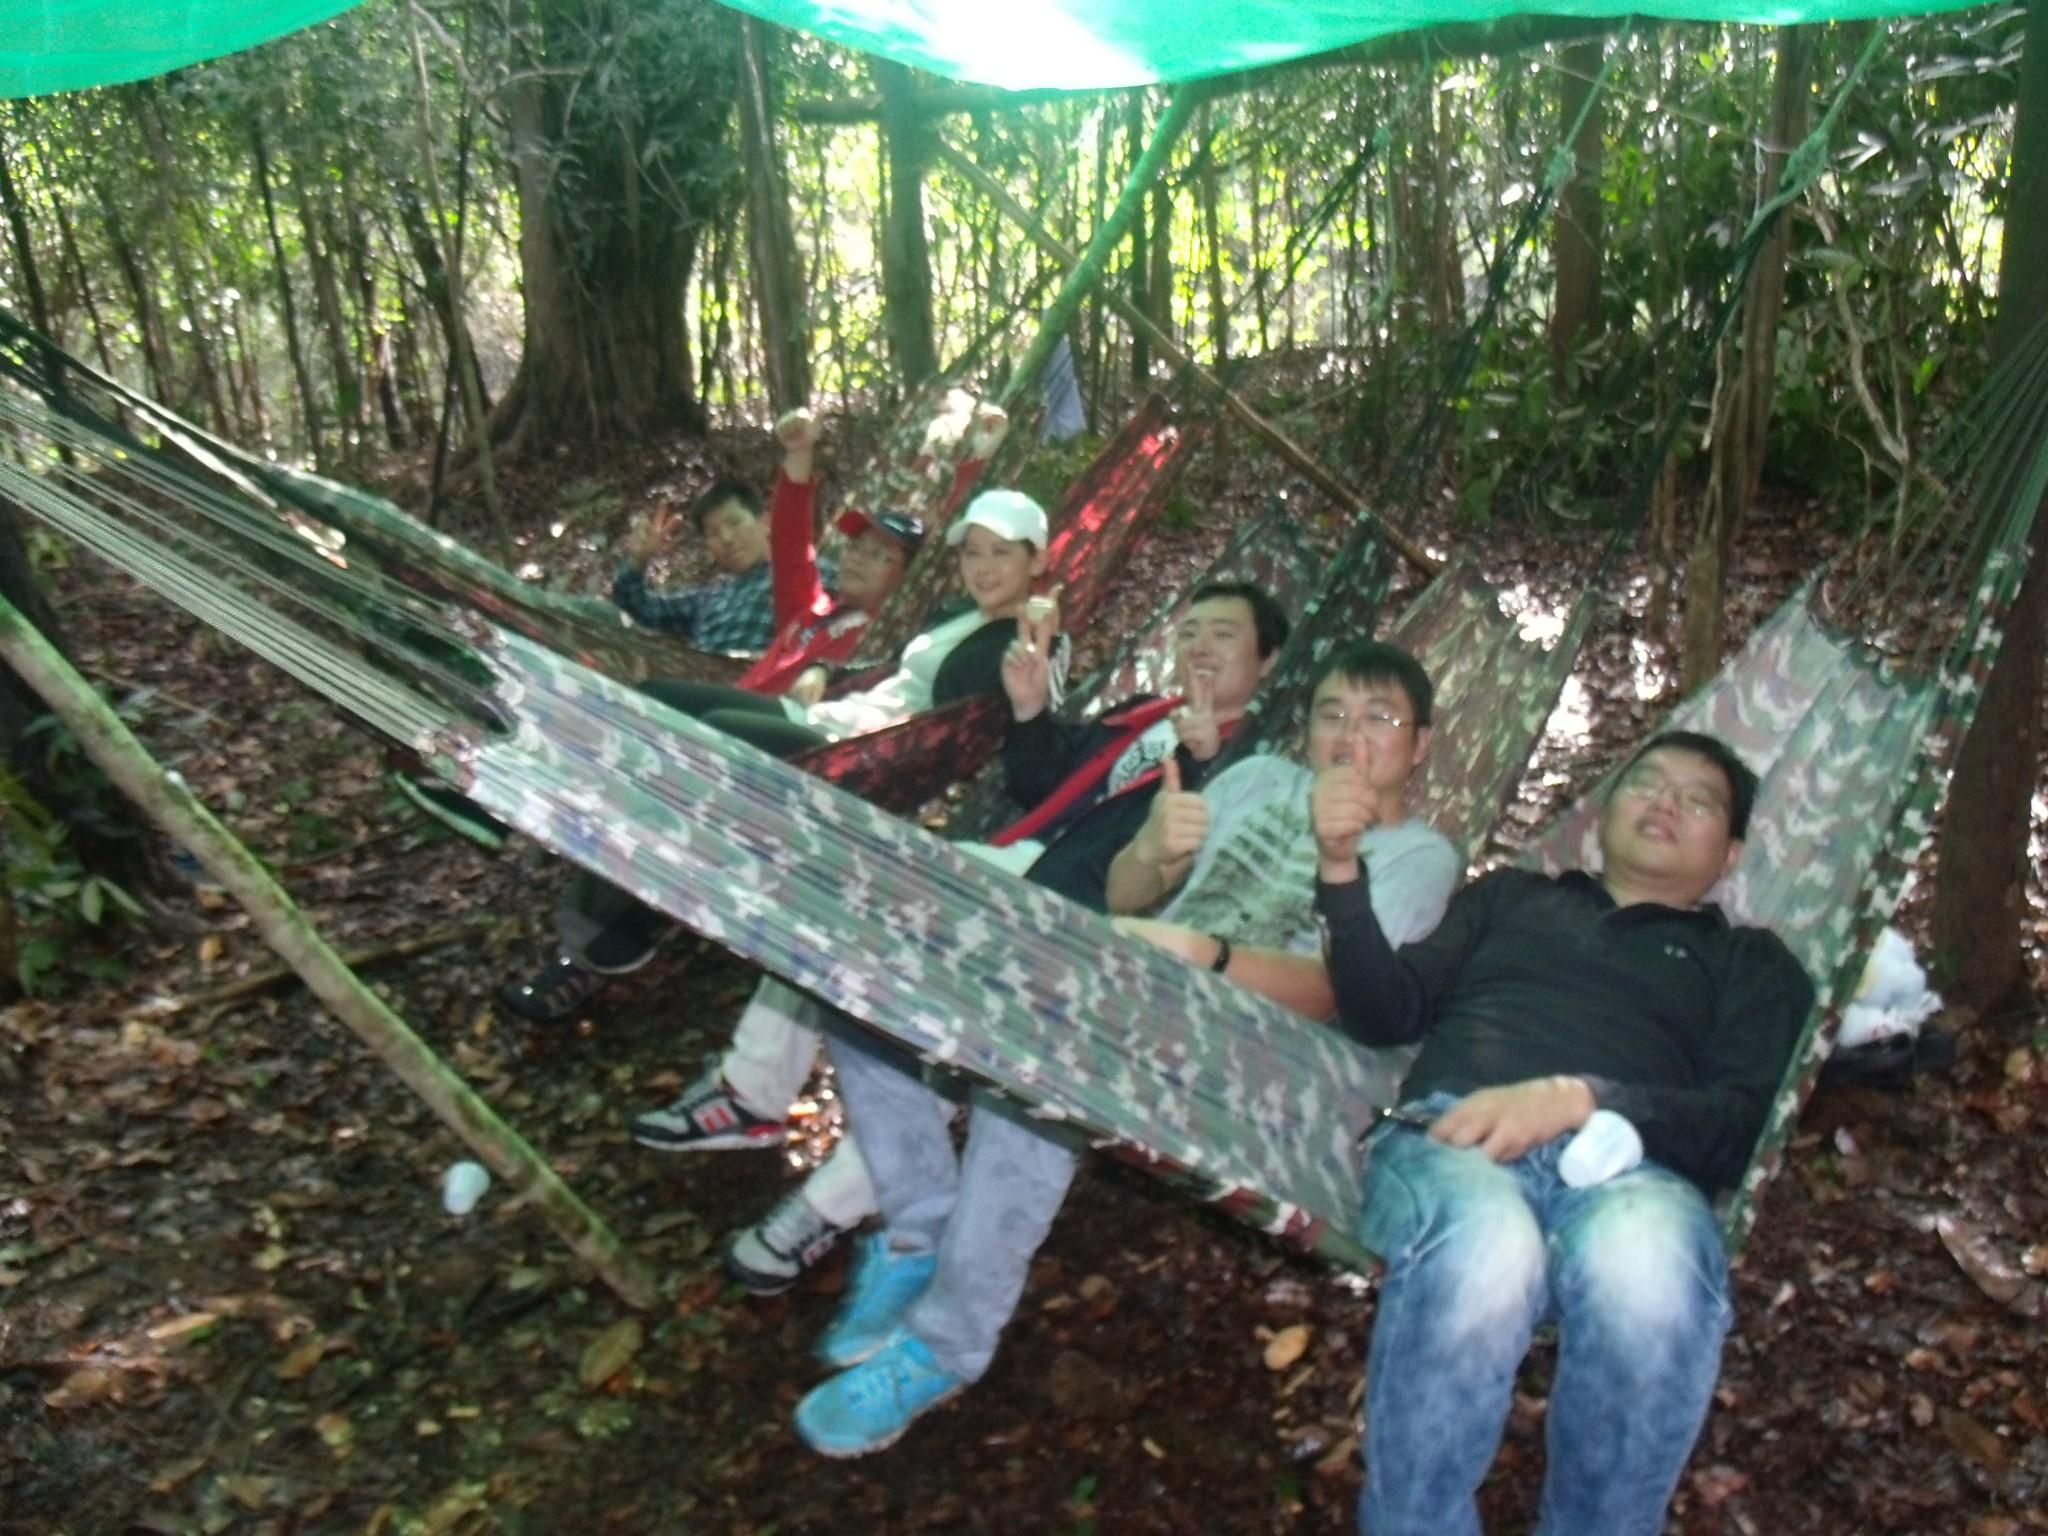 Resting in hammocks